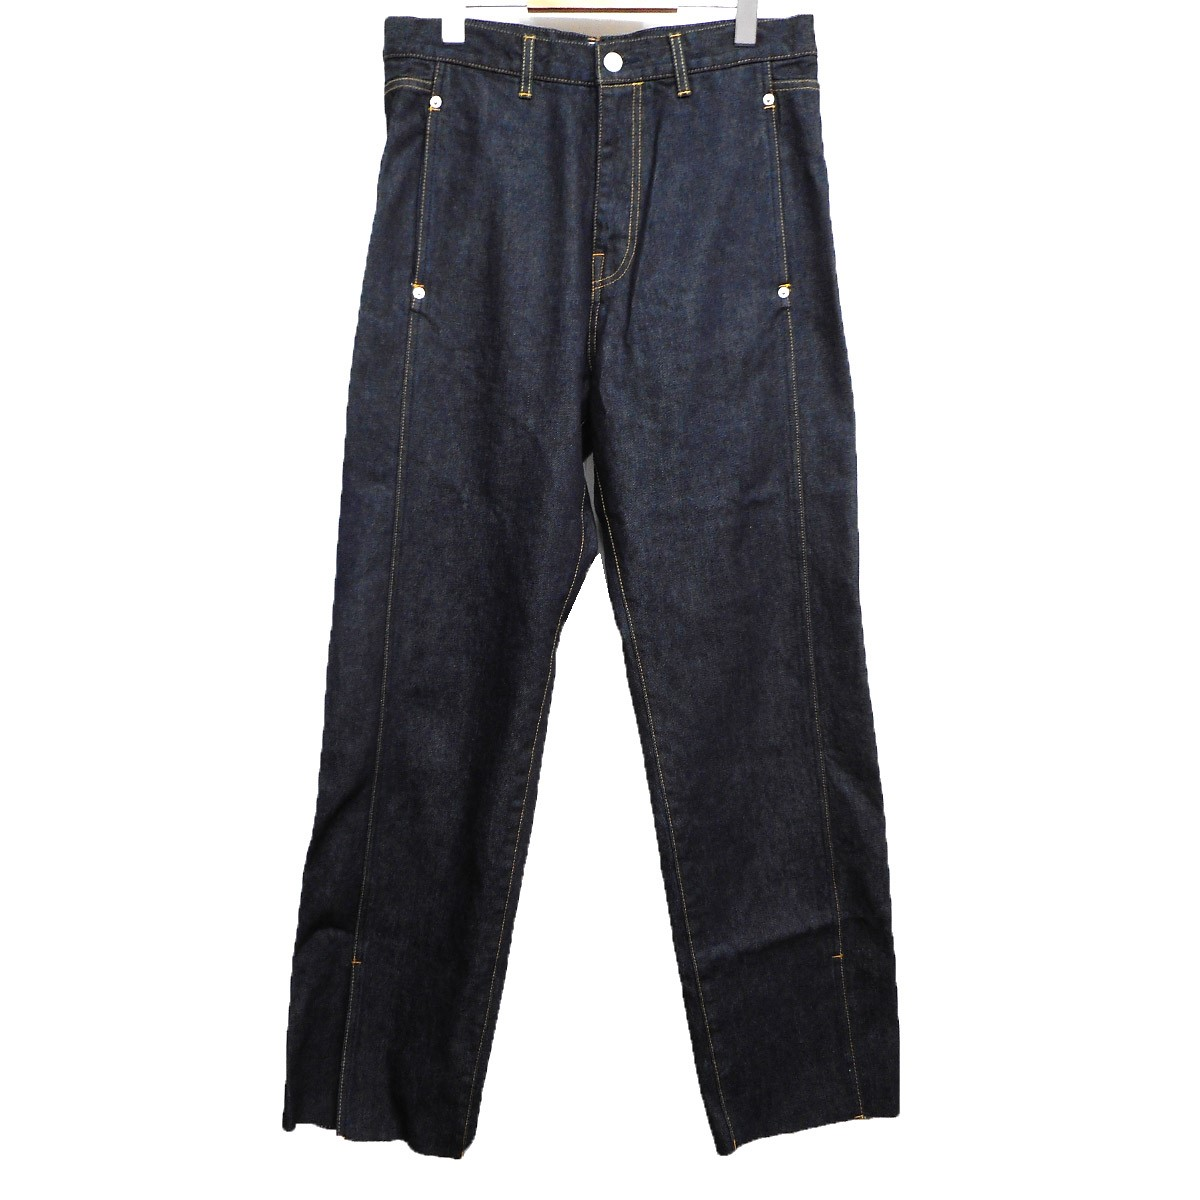 【中古】KAIKO 19SS BUG DENIM PANT ONEWASH インディゴ サイズ:2 【130719】(カイコ)